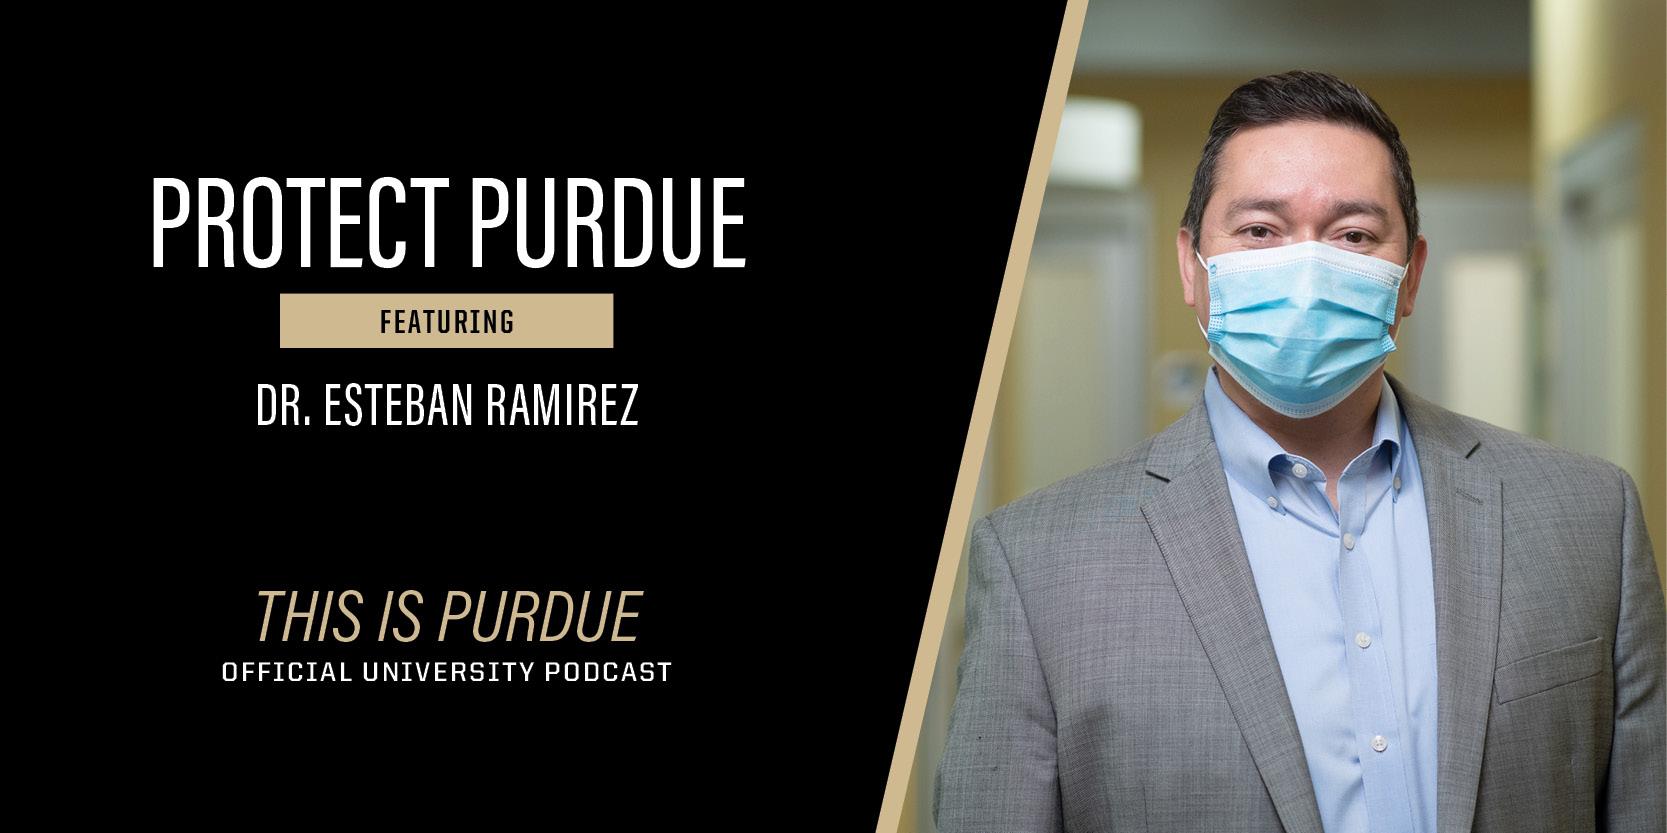 Dr. Esteban Ramirez's image